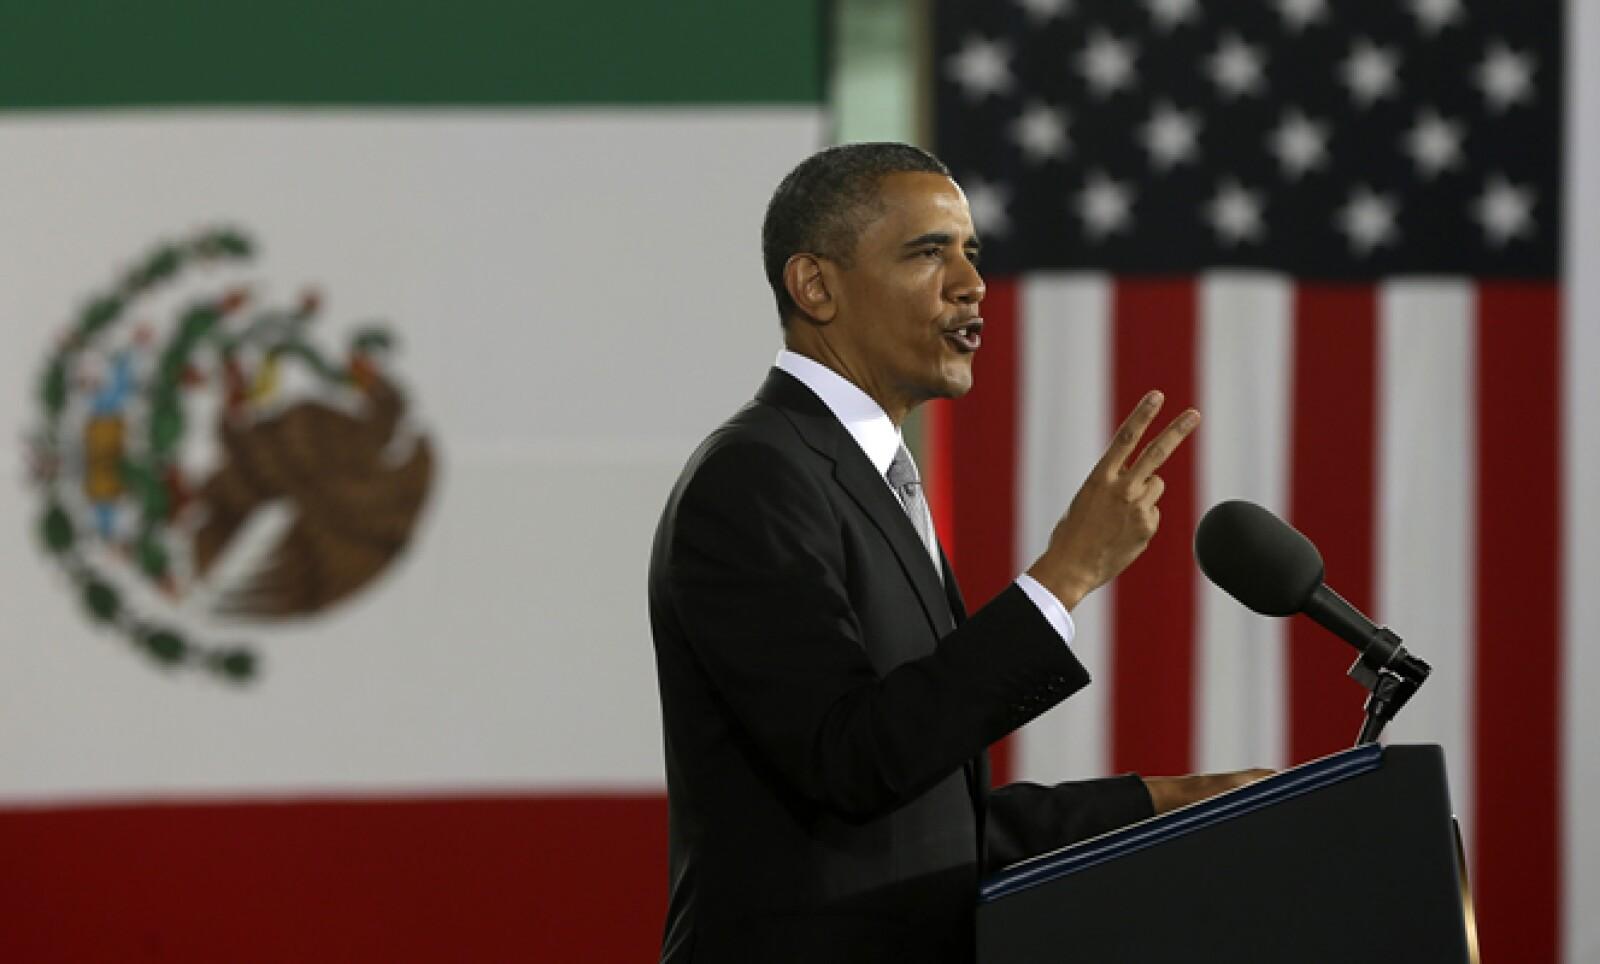 """Obama dijo que buscará promover una reforma """"sensata"""" de migración en el Congreso estadounidense, que fortalezca la inmigración legal."""